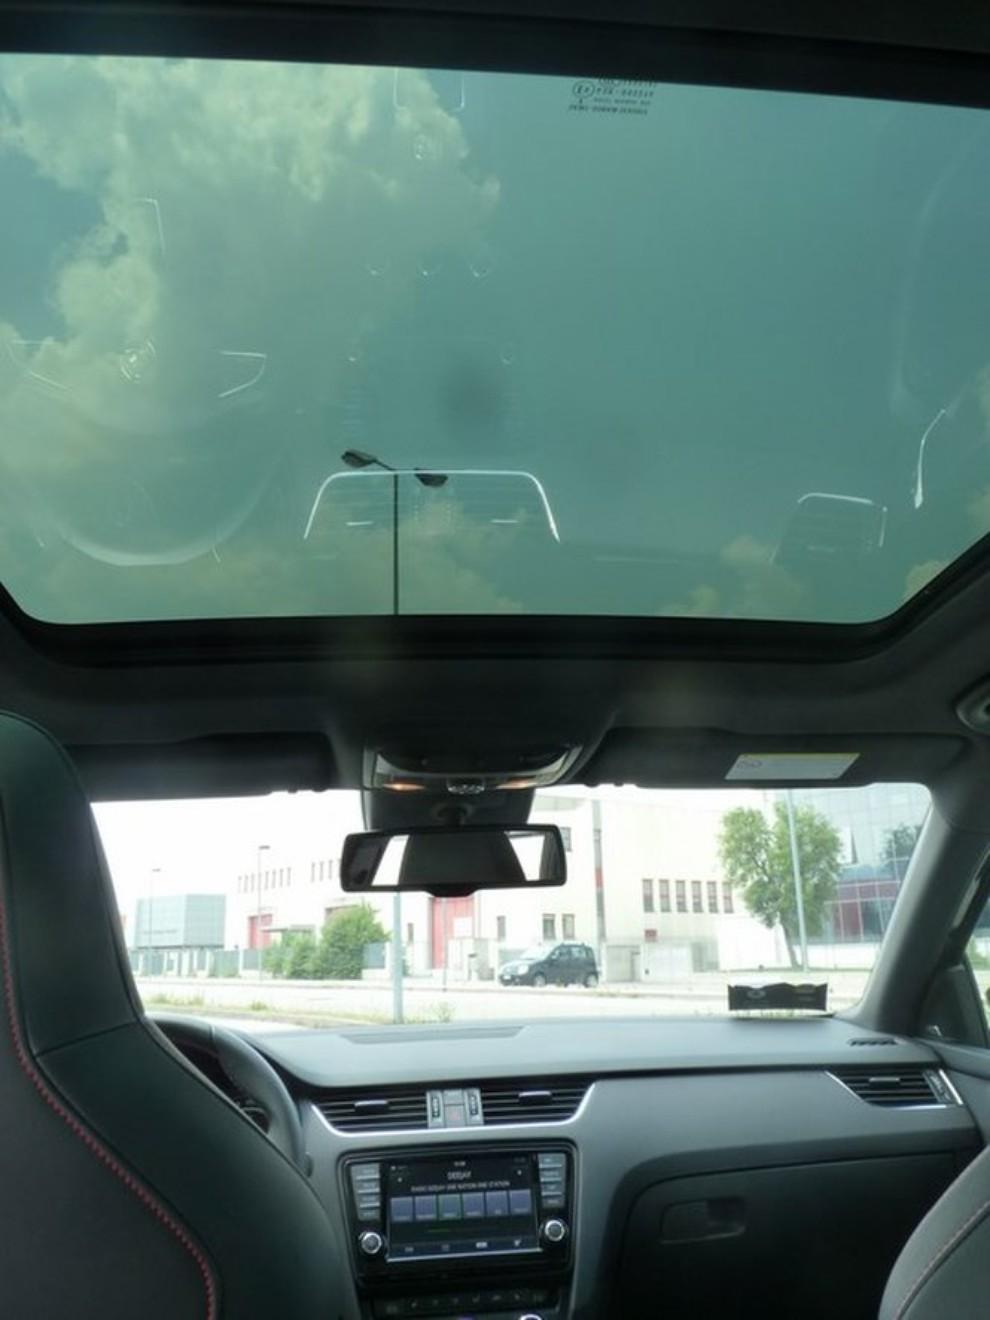 Skoda Octavia 2.0 TSI RS DSG Wagon: la prova su strada - Foto 21 di 27